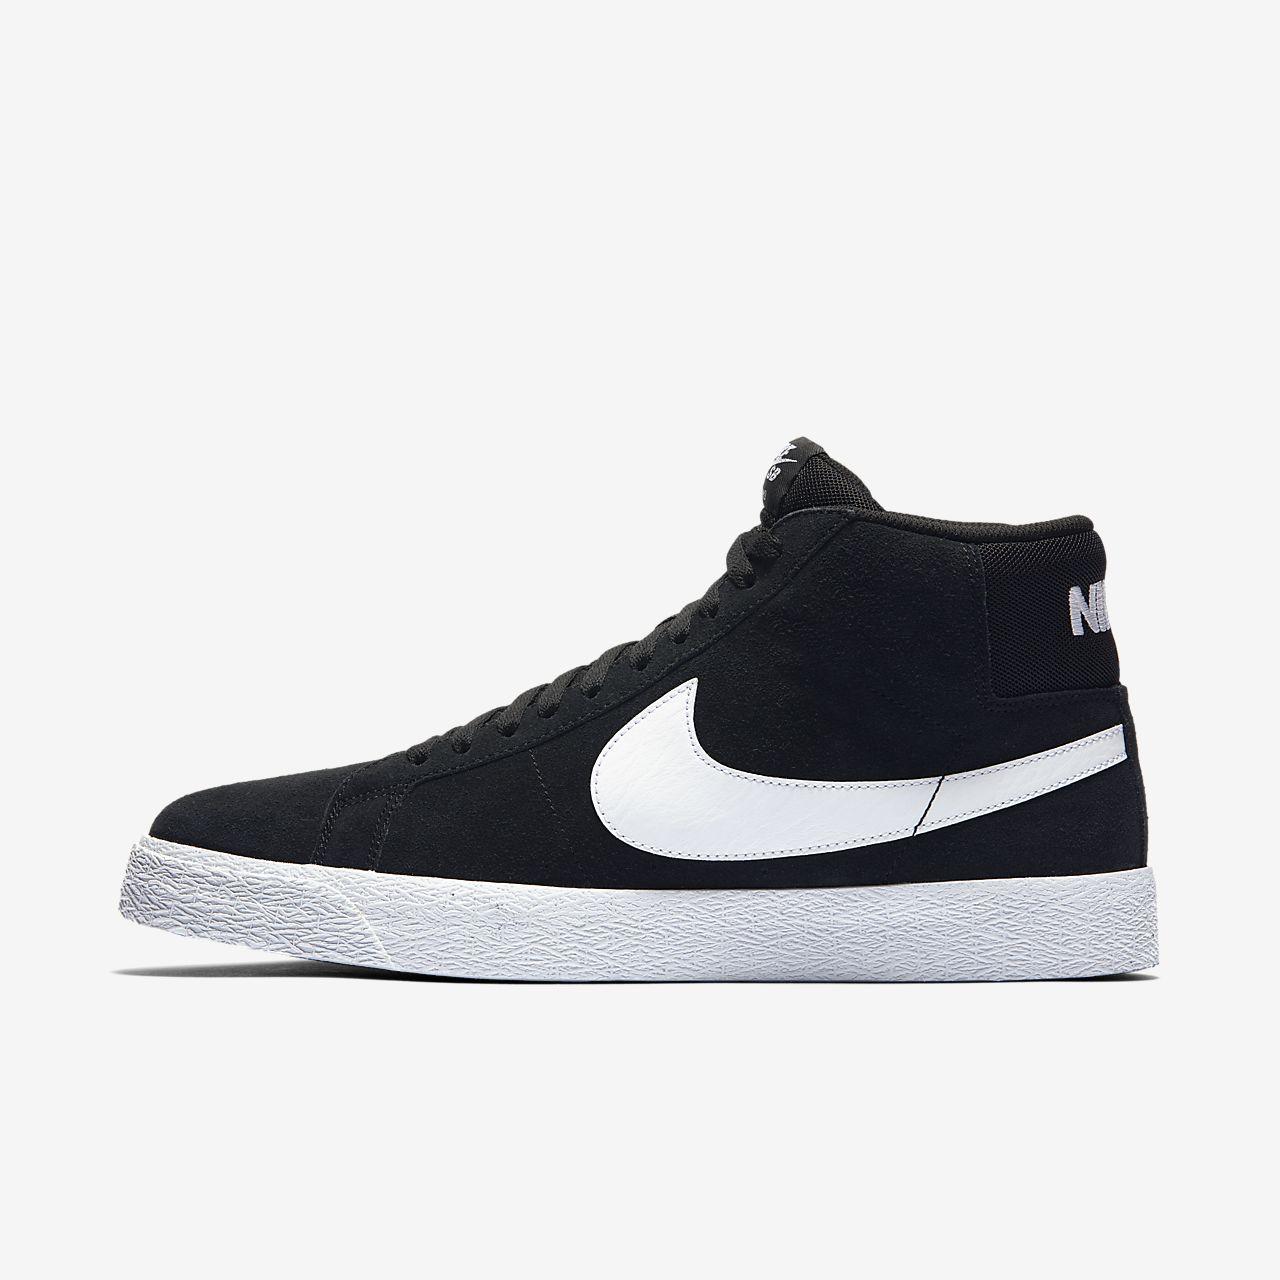 Nike SB Zoom Blazer Mid 男子滑板鞋